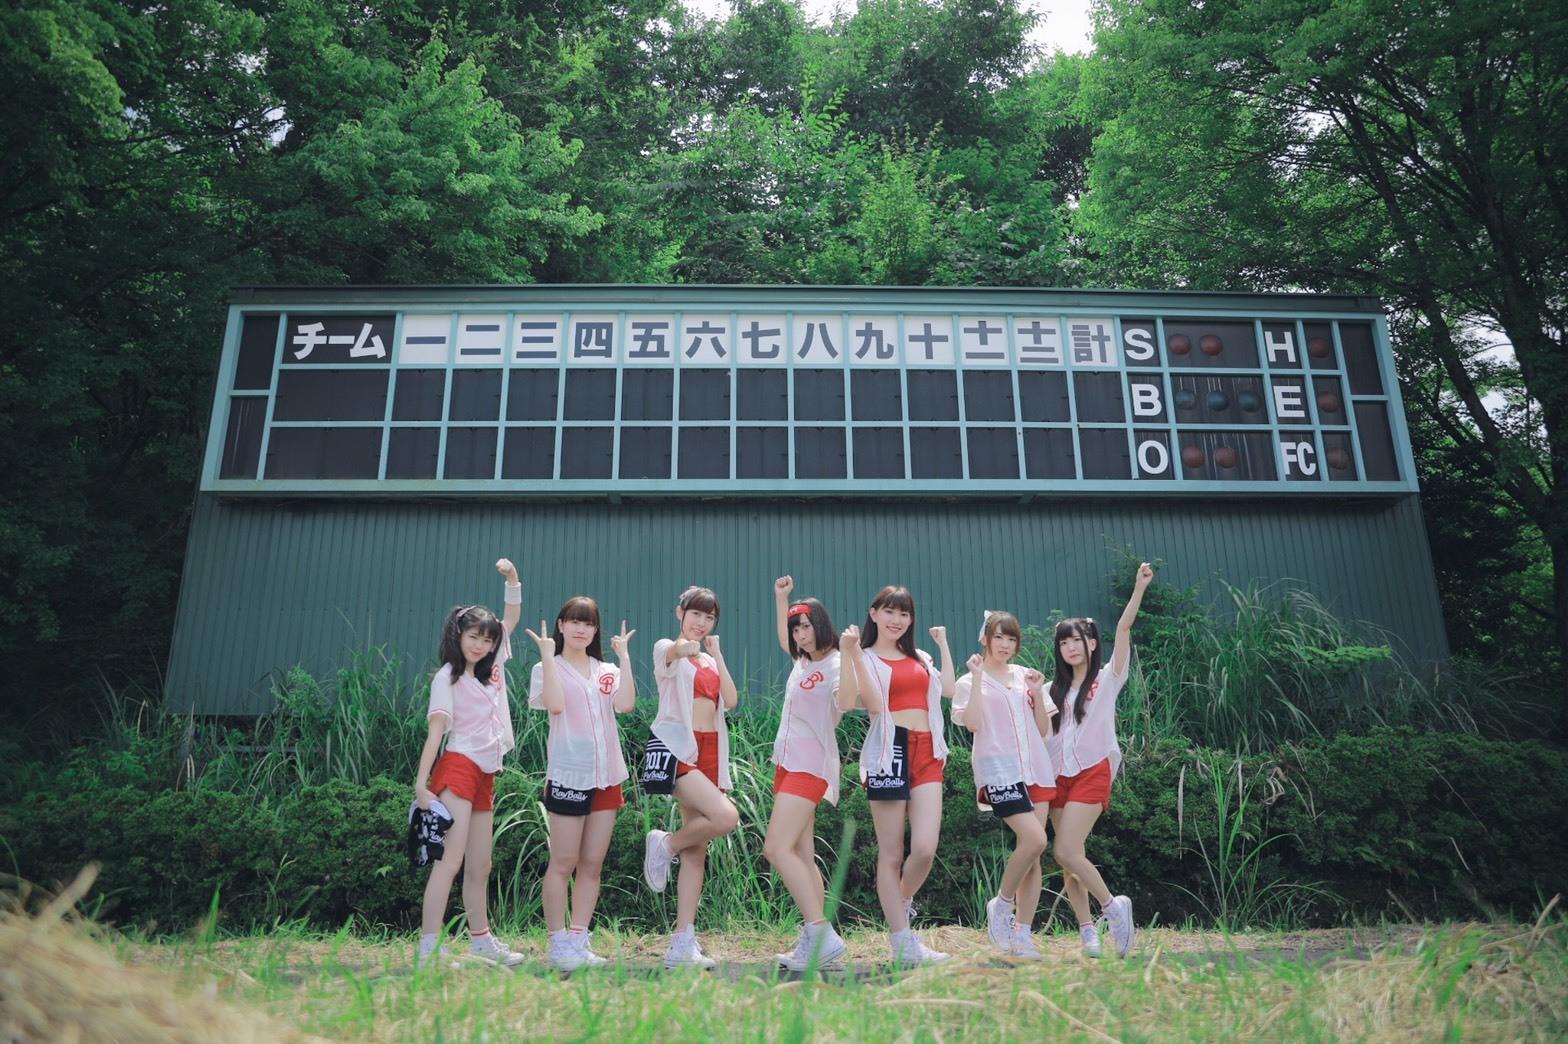 野球をテーマに活動するアイドルグループ「絶対直球女子!プレイボールズ」